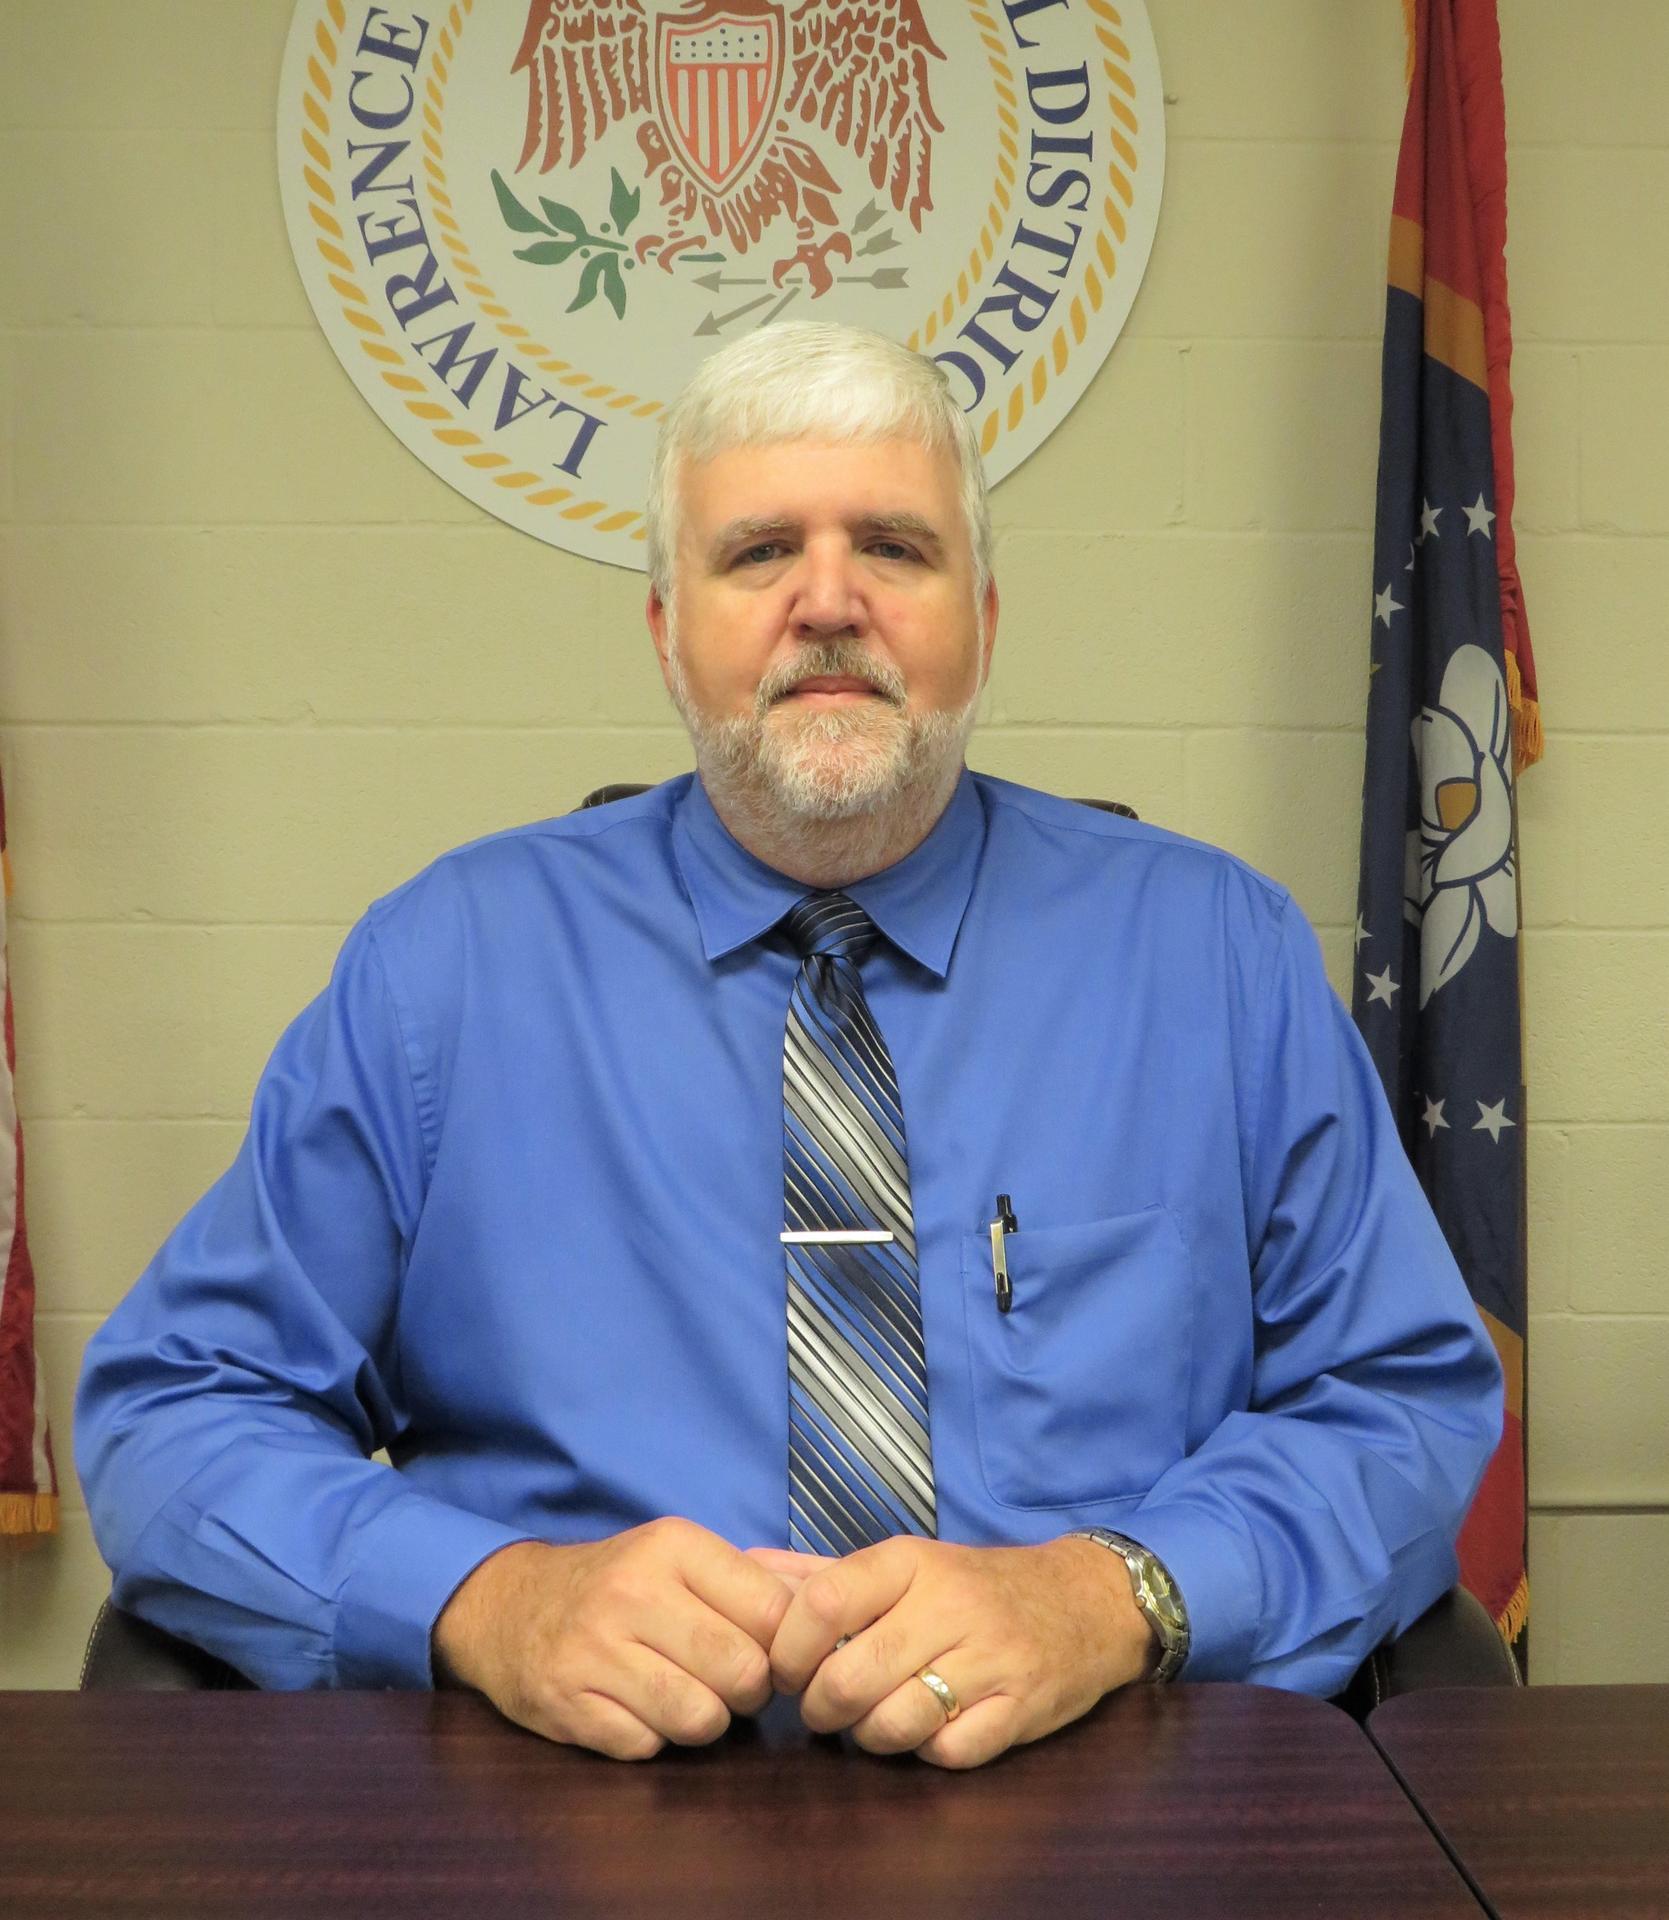 Rusty Rutland, Transportation Director